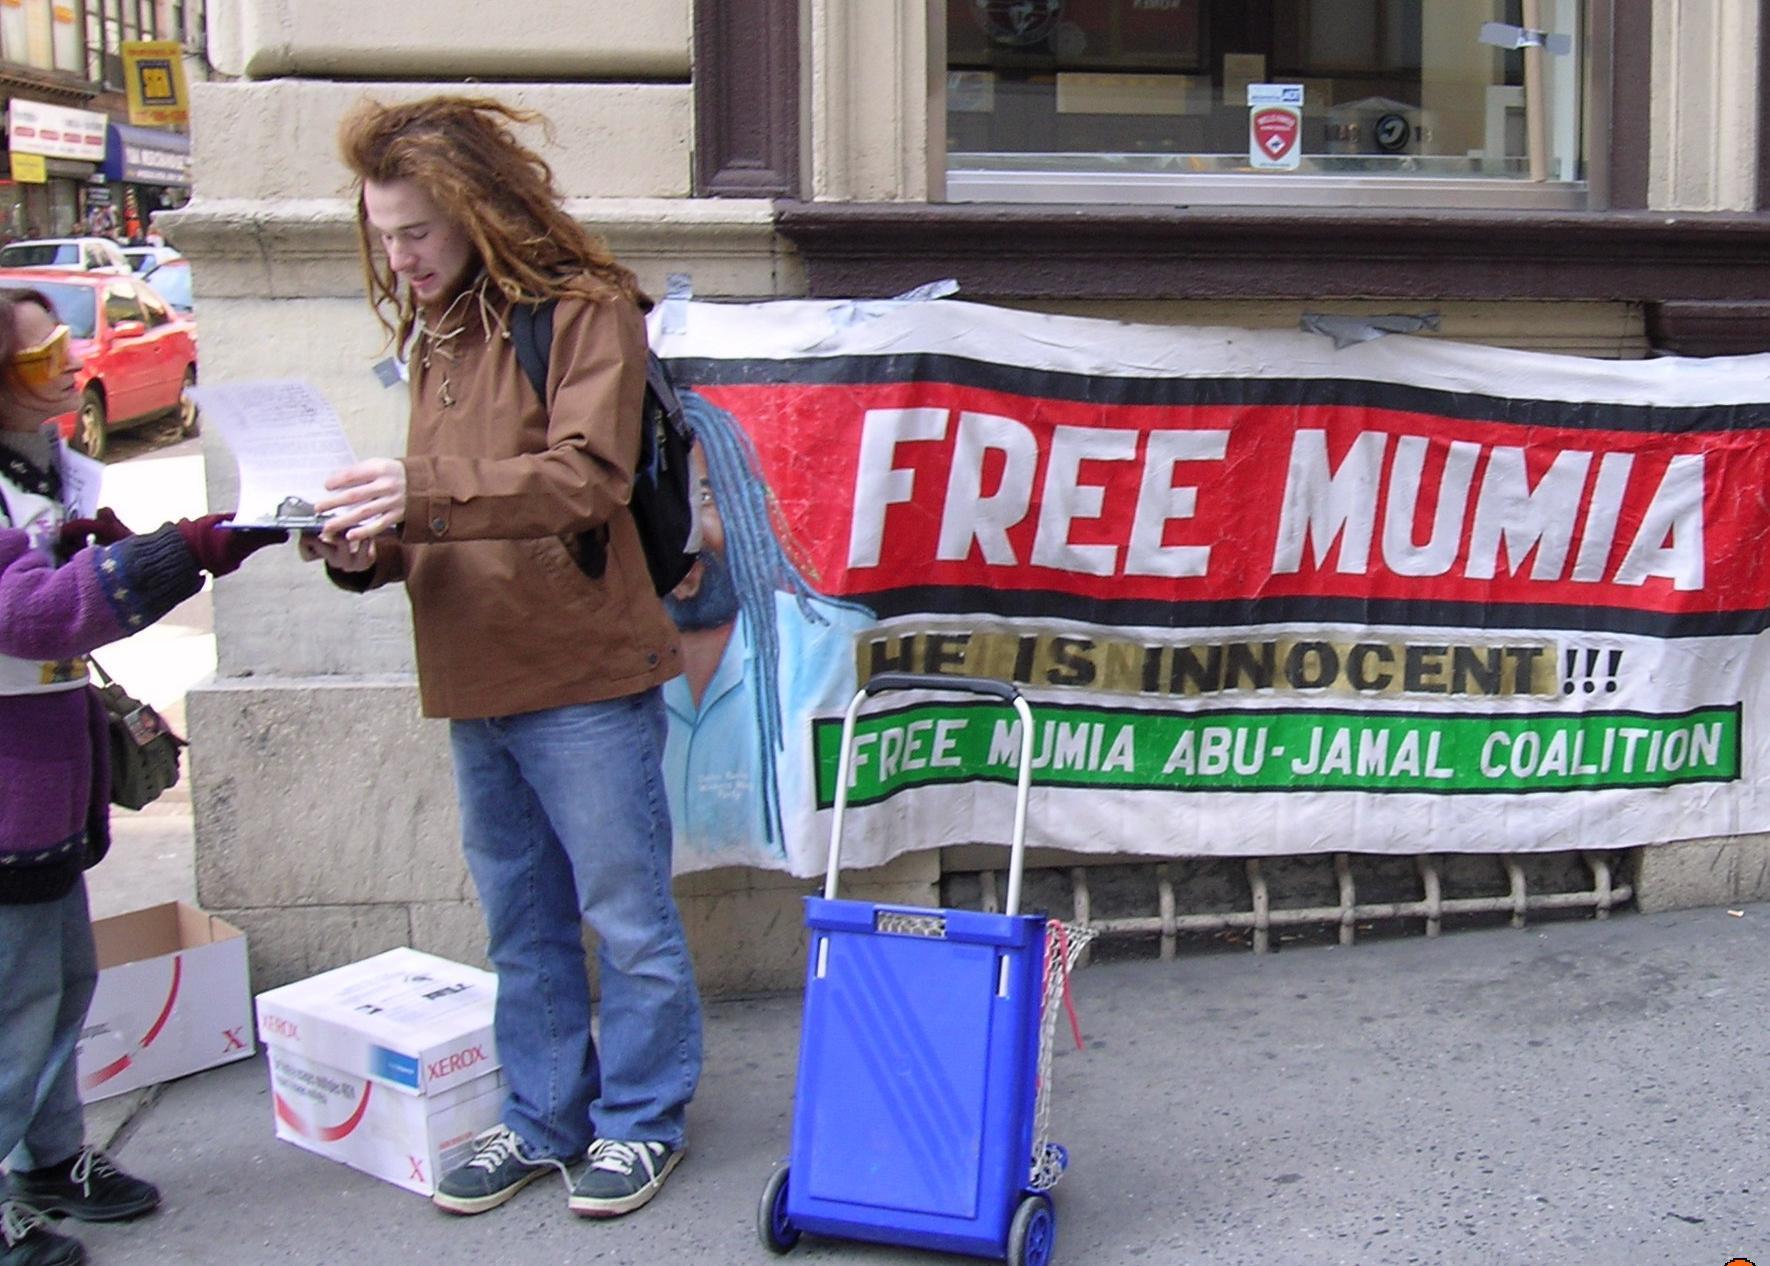 117 Political Prisoners Stuff White People Like Timbuk2 Classic Messenger Abu Free Mumia 1